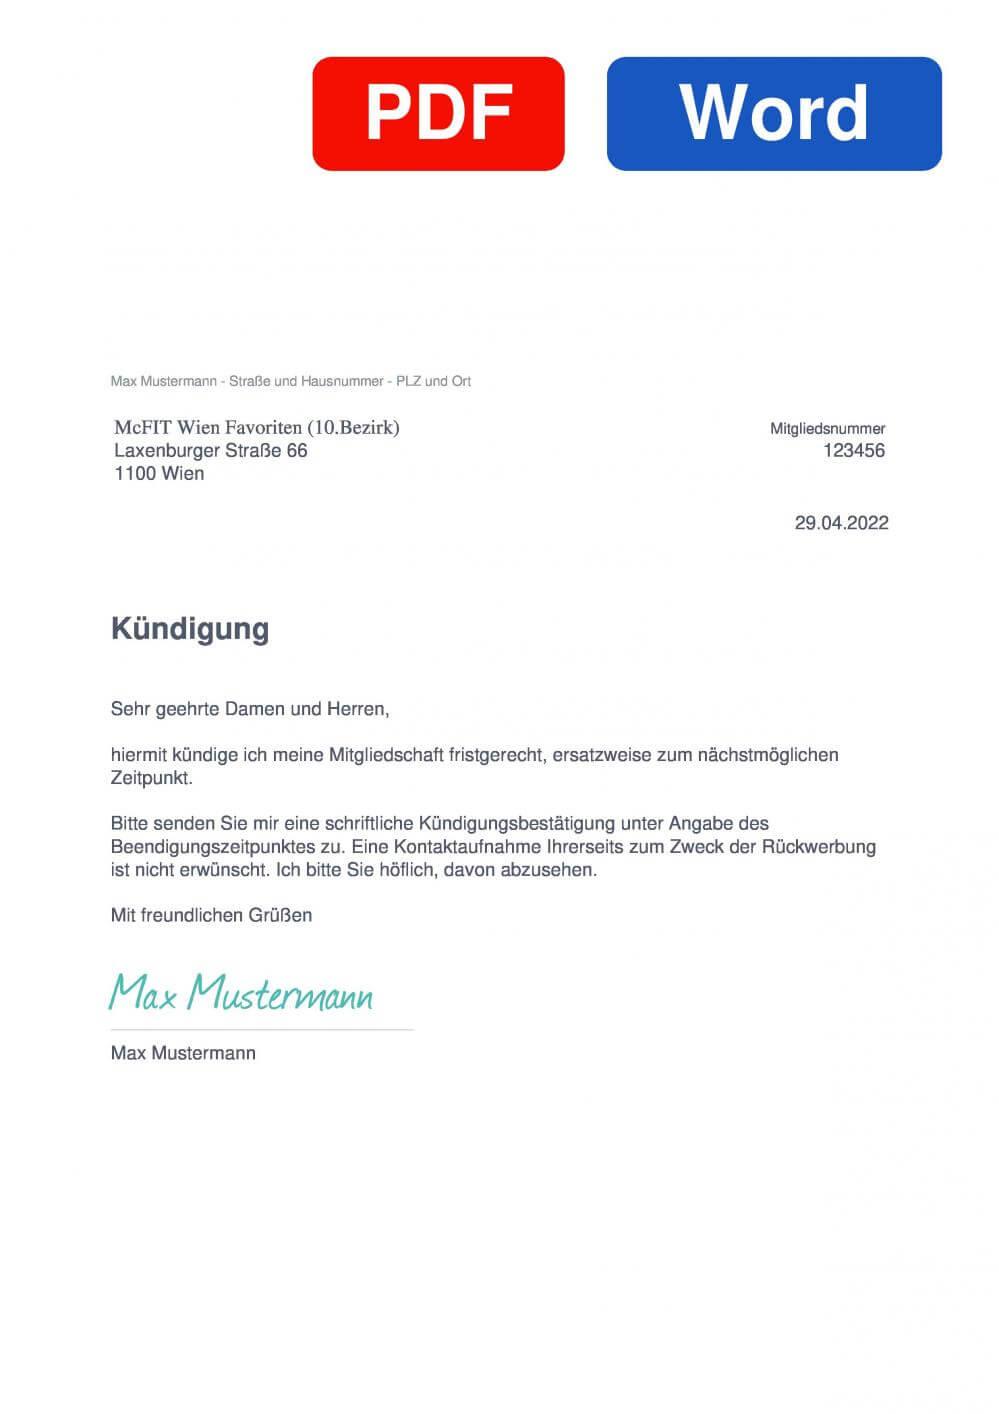 McFIT Wien Favoriten Muster Vorlage für Kündigungsschreiben